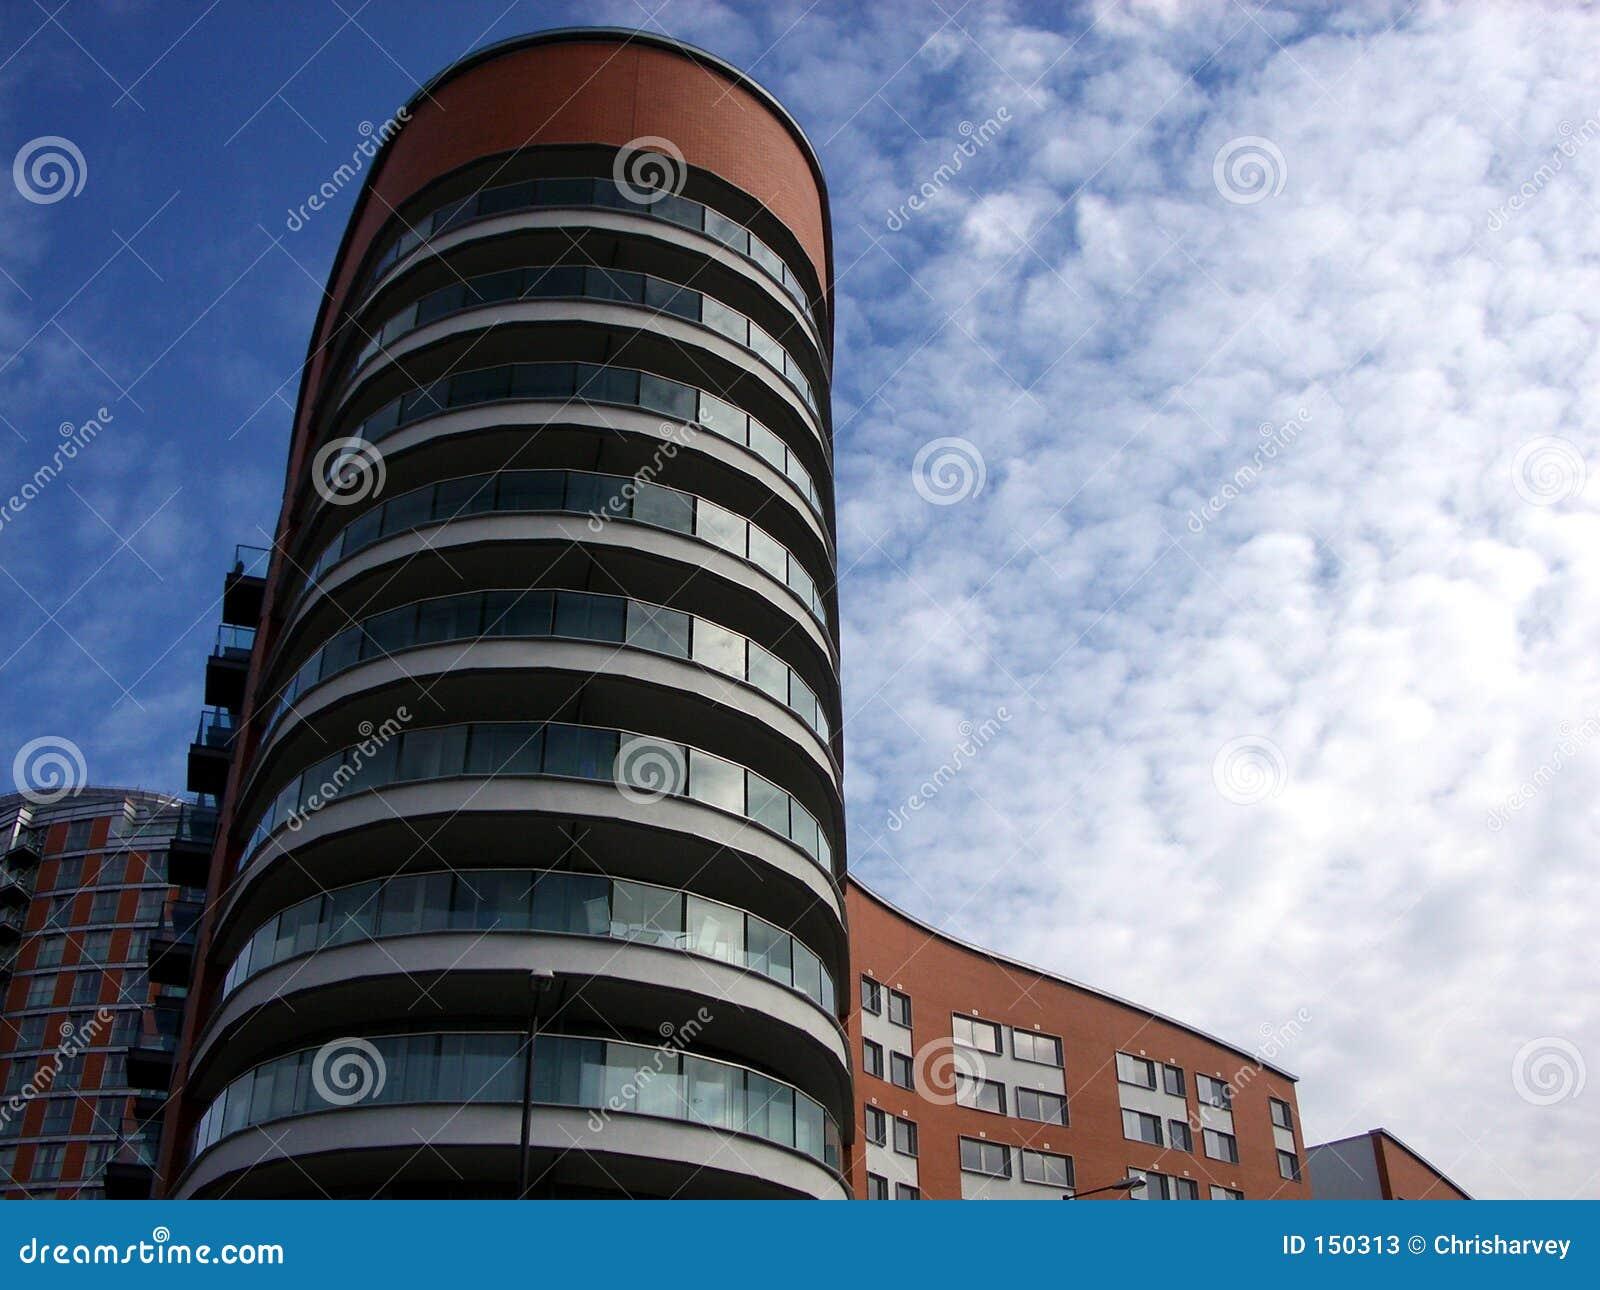 Docklands 25